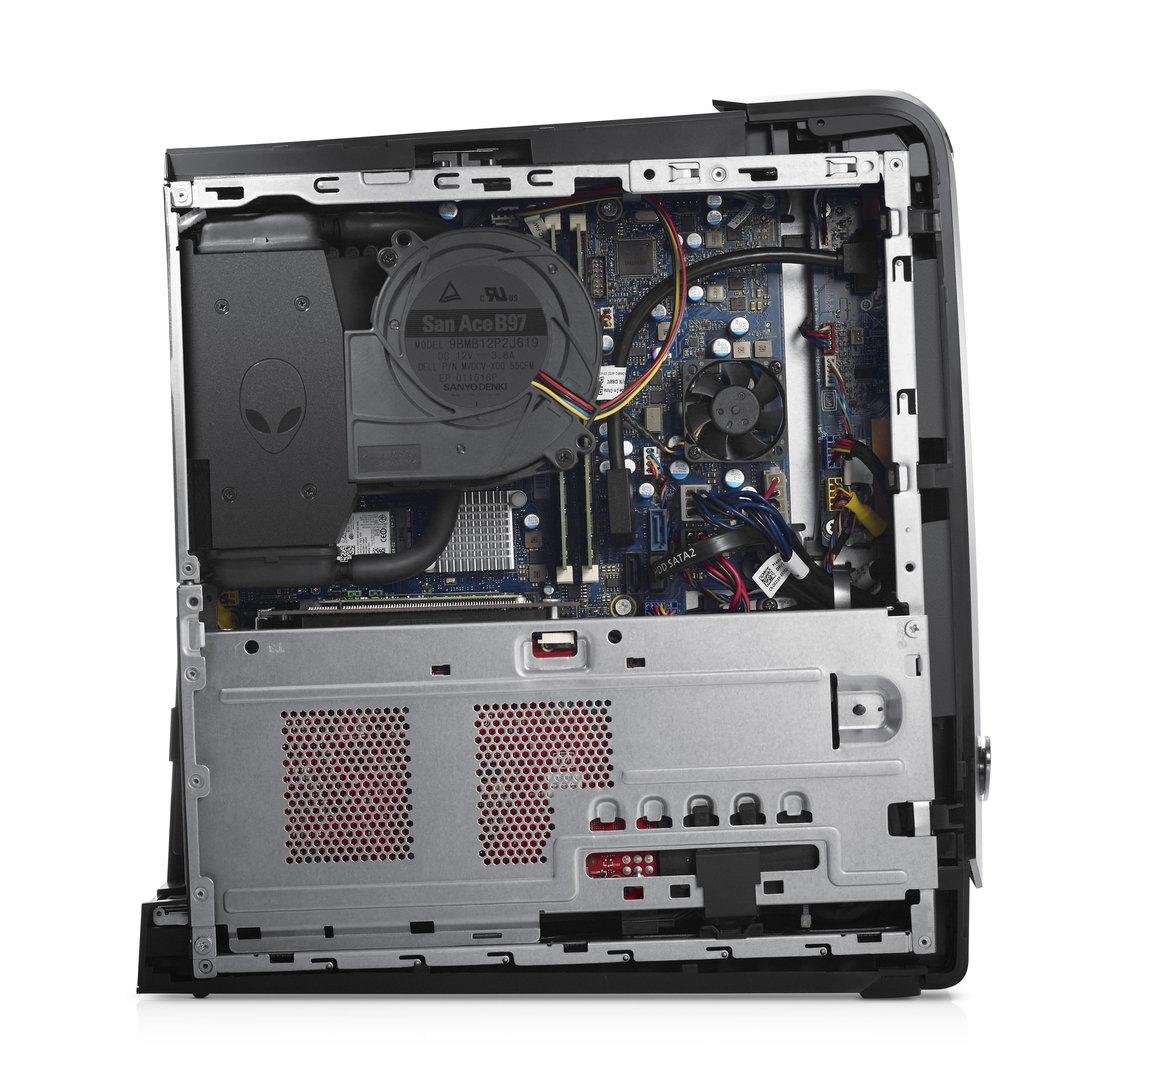 Spieler-PC von Alienware in neuer Generation mit Skylake Core i7-6700K